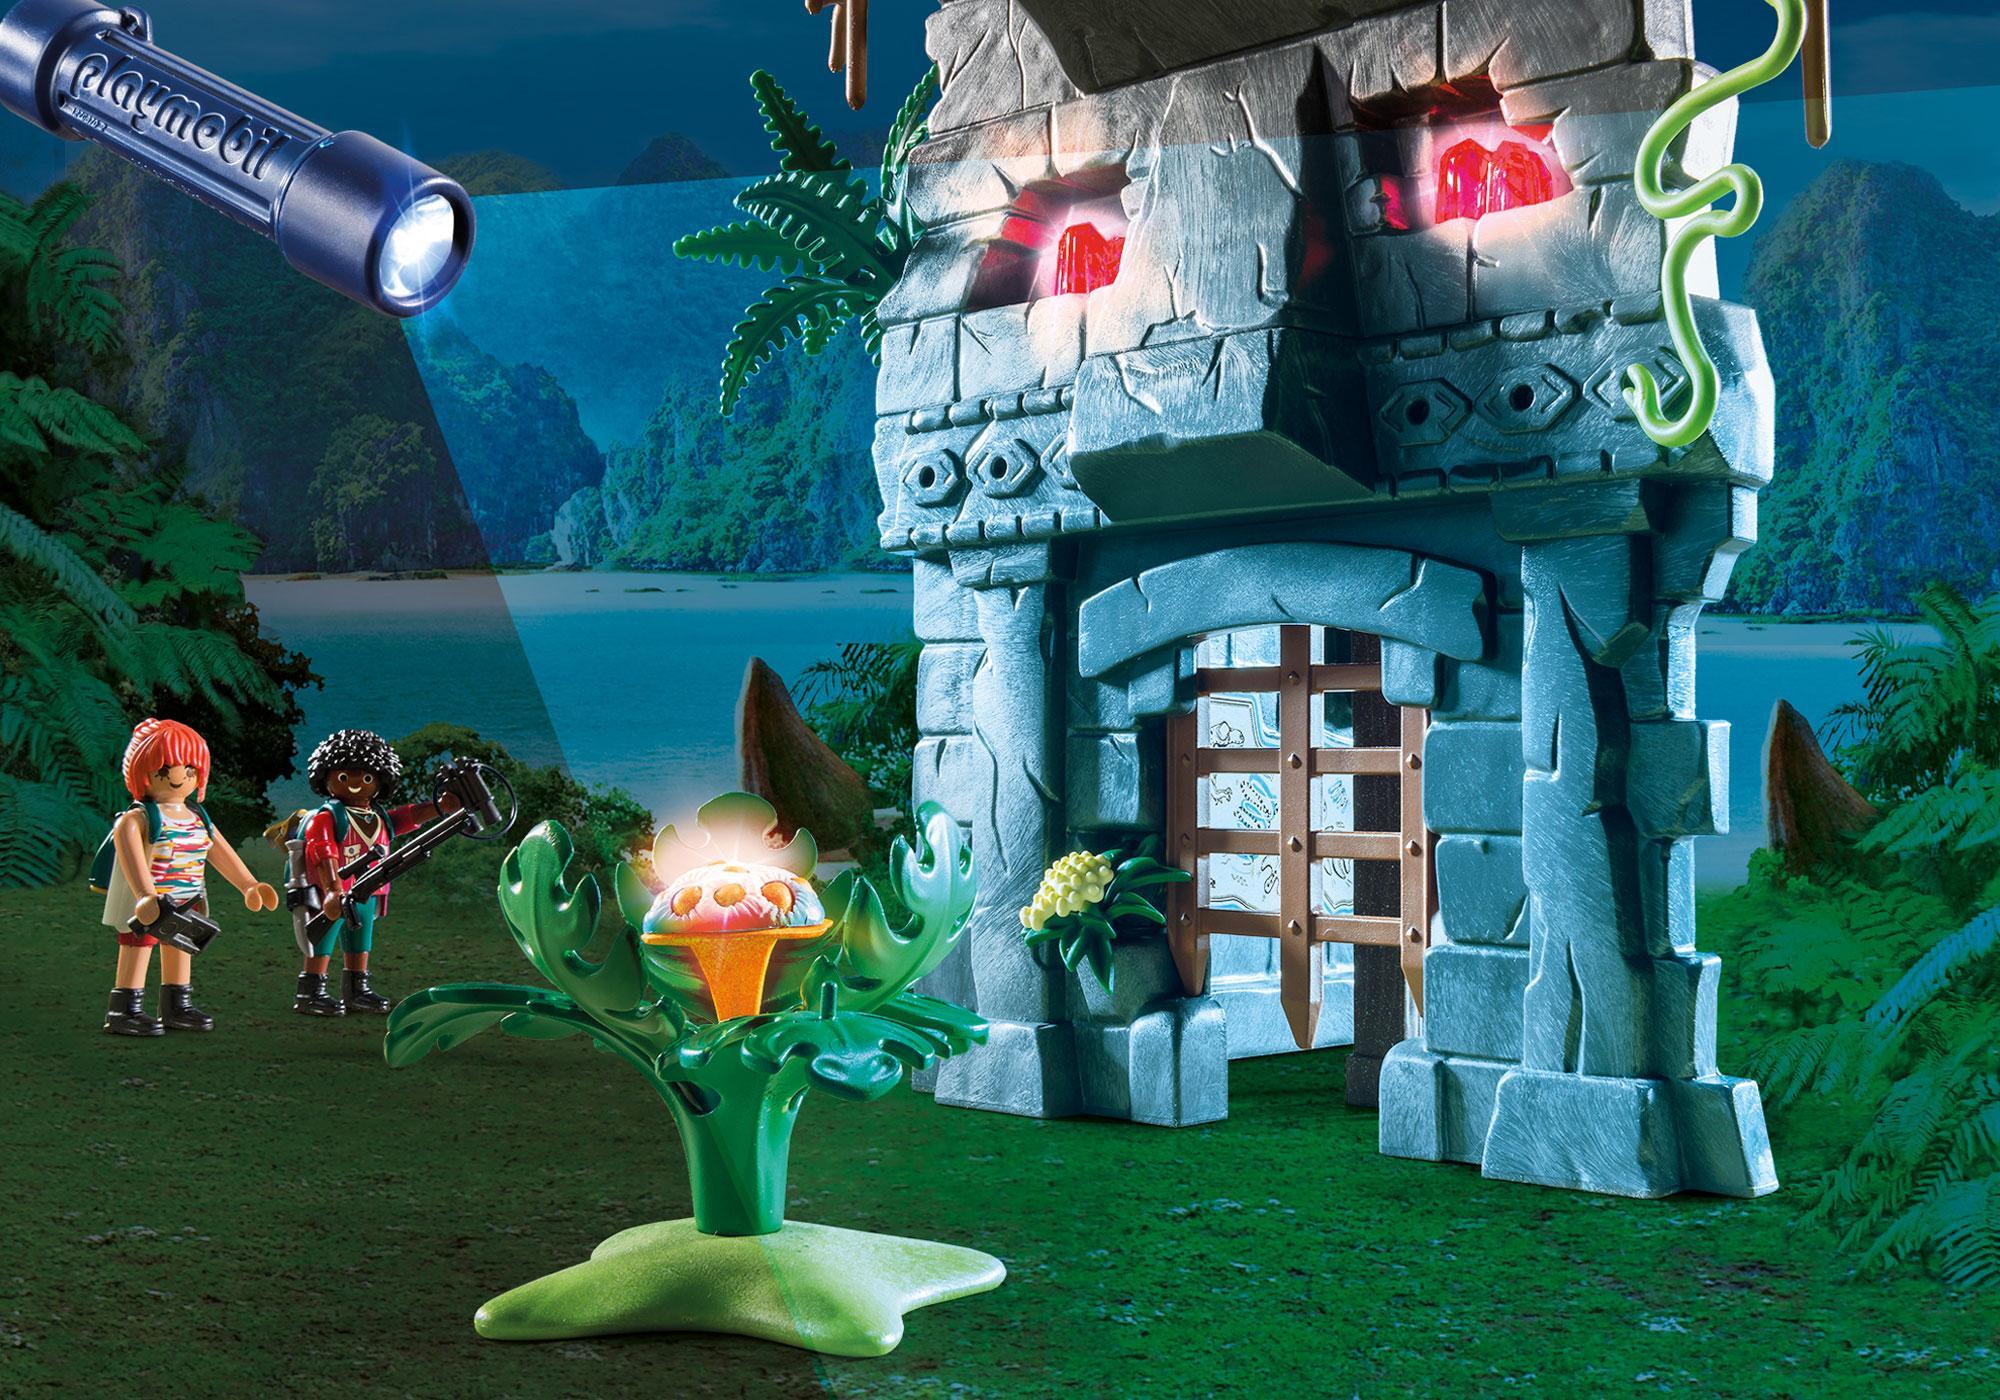 http://media.playmobil.com/i/playmobil/9429_product_extra1/Acampamento Base com T-Rex